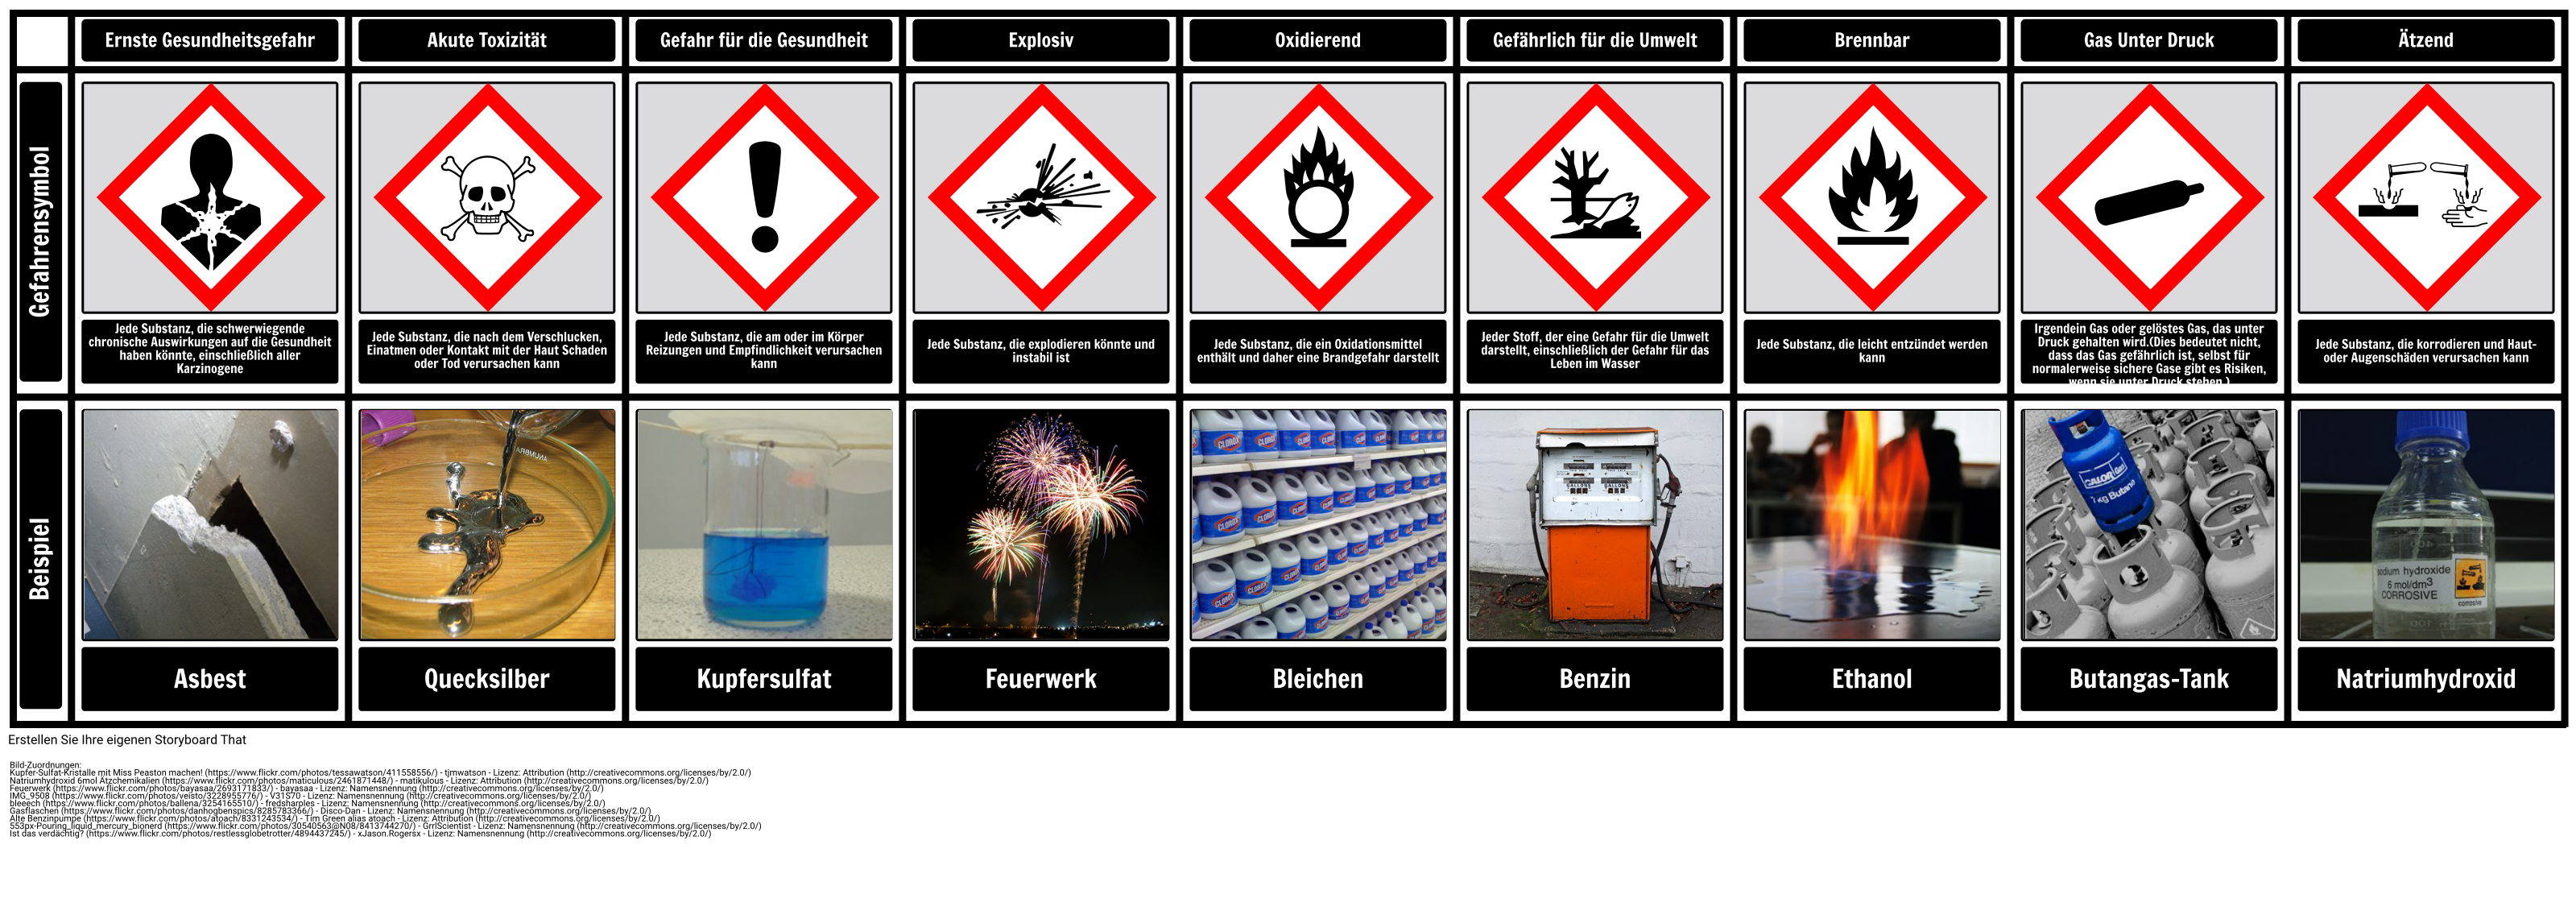 Lab Sicherheitsregeln | Seien Sie Sicher im Wissenschaftslabor